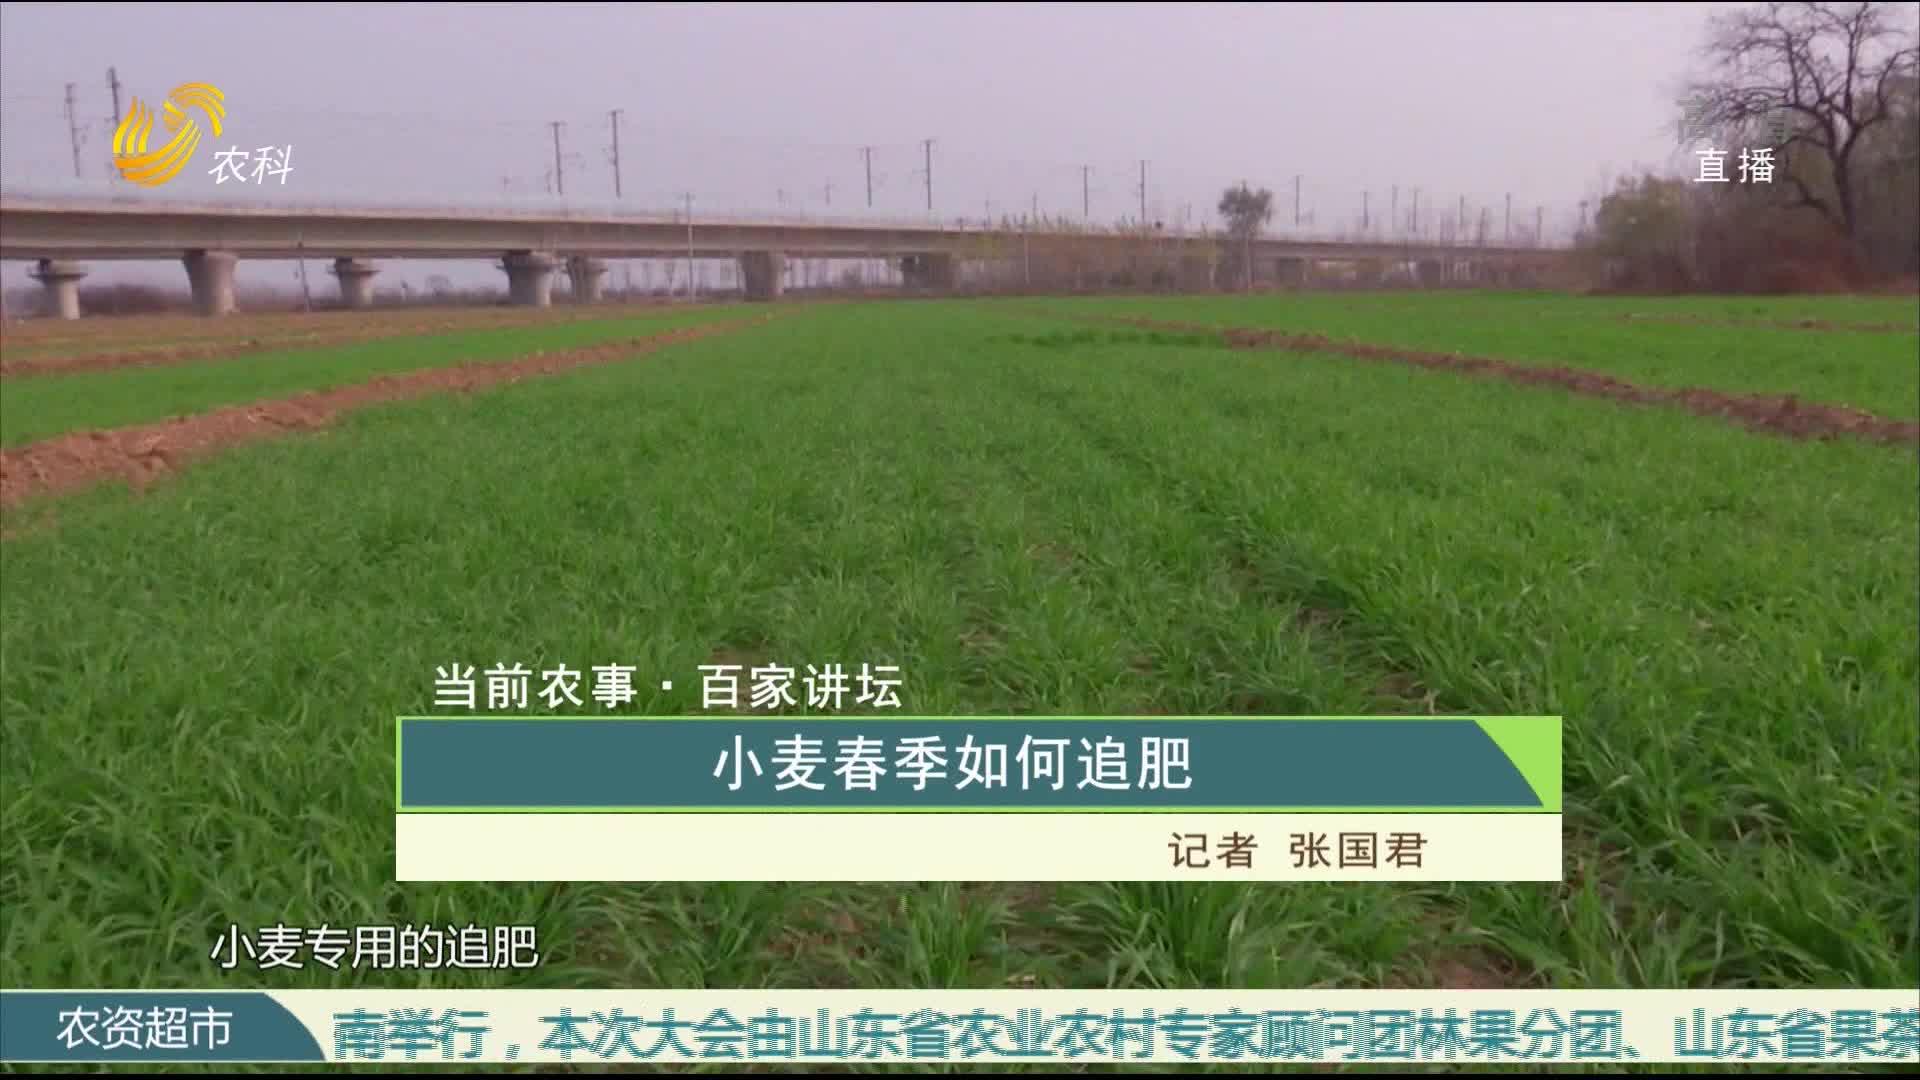 【当前农事·百家讲坛】小麦春季如何追肥